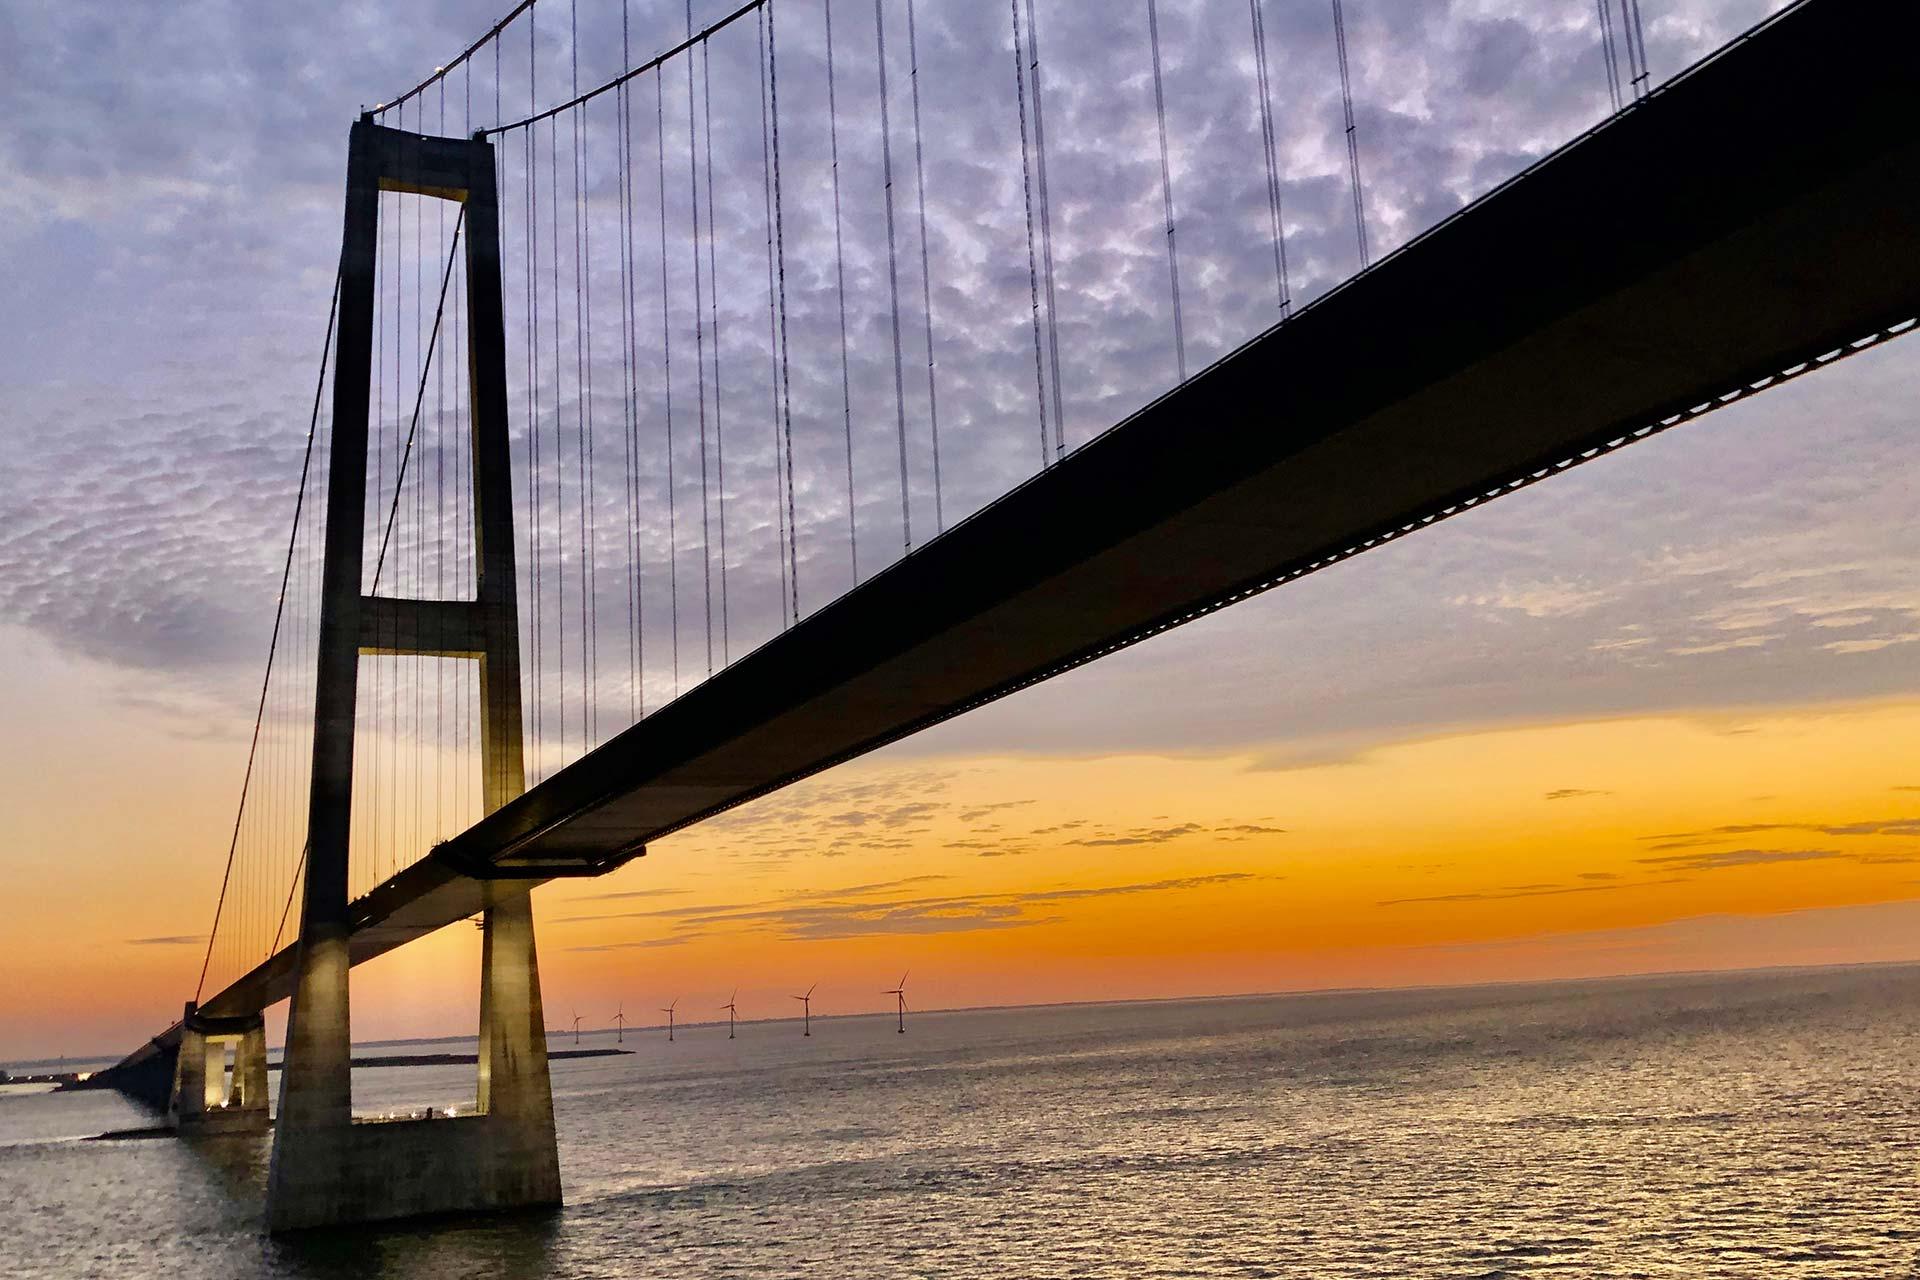 Große-Belt-Brücke bei Sonnenuntergang